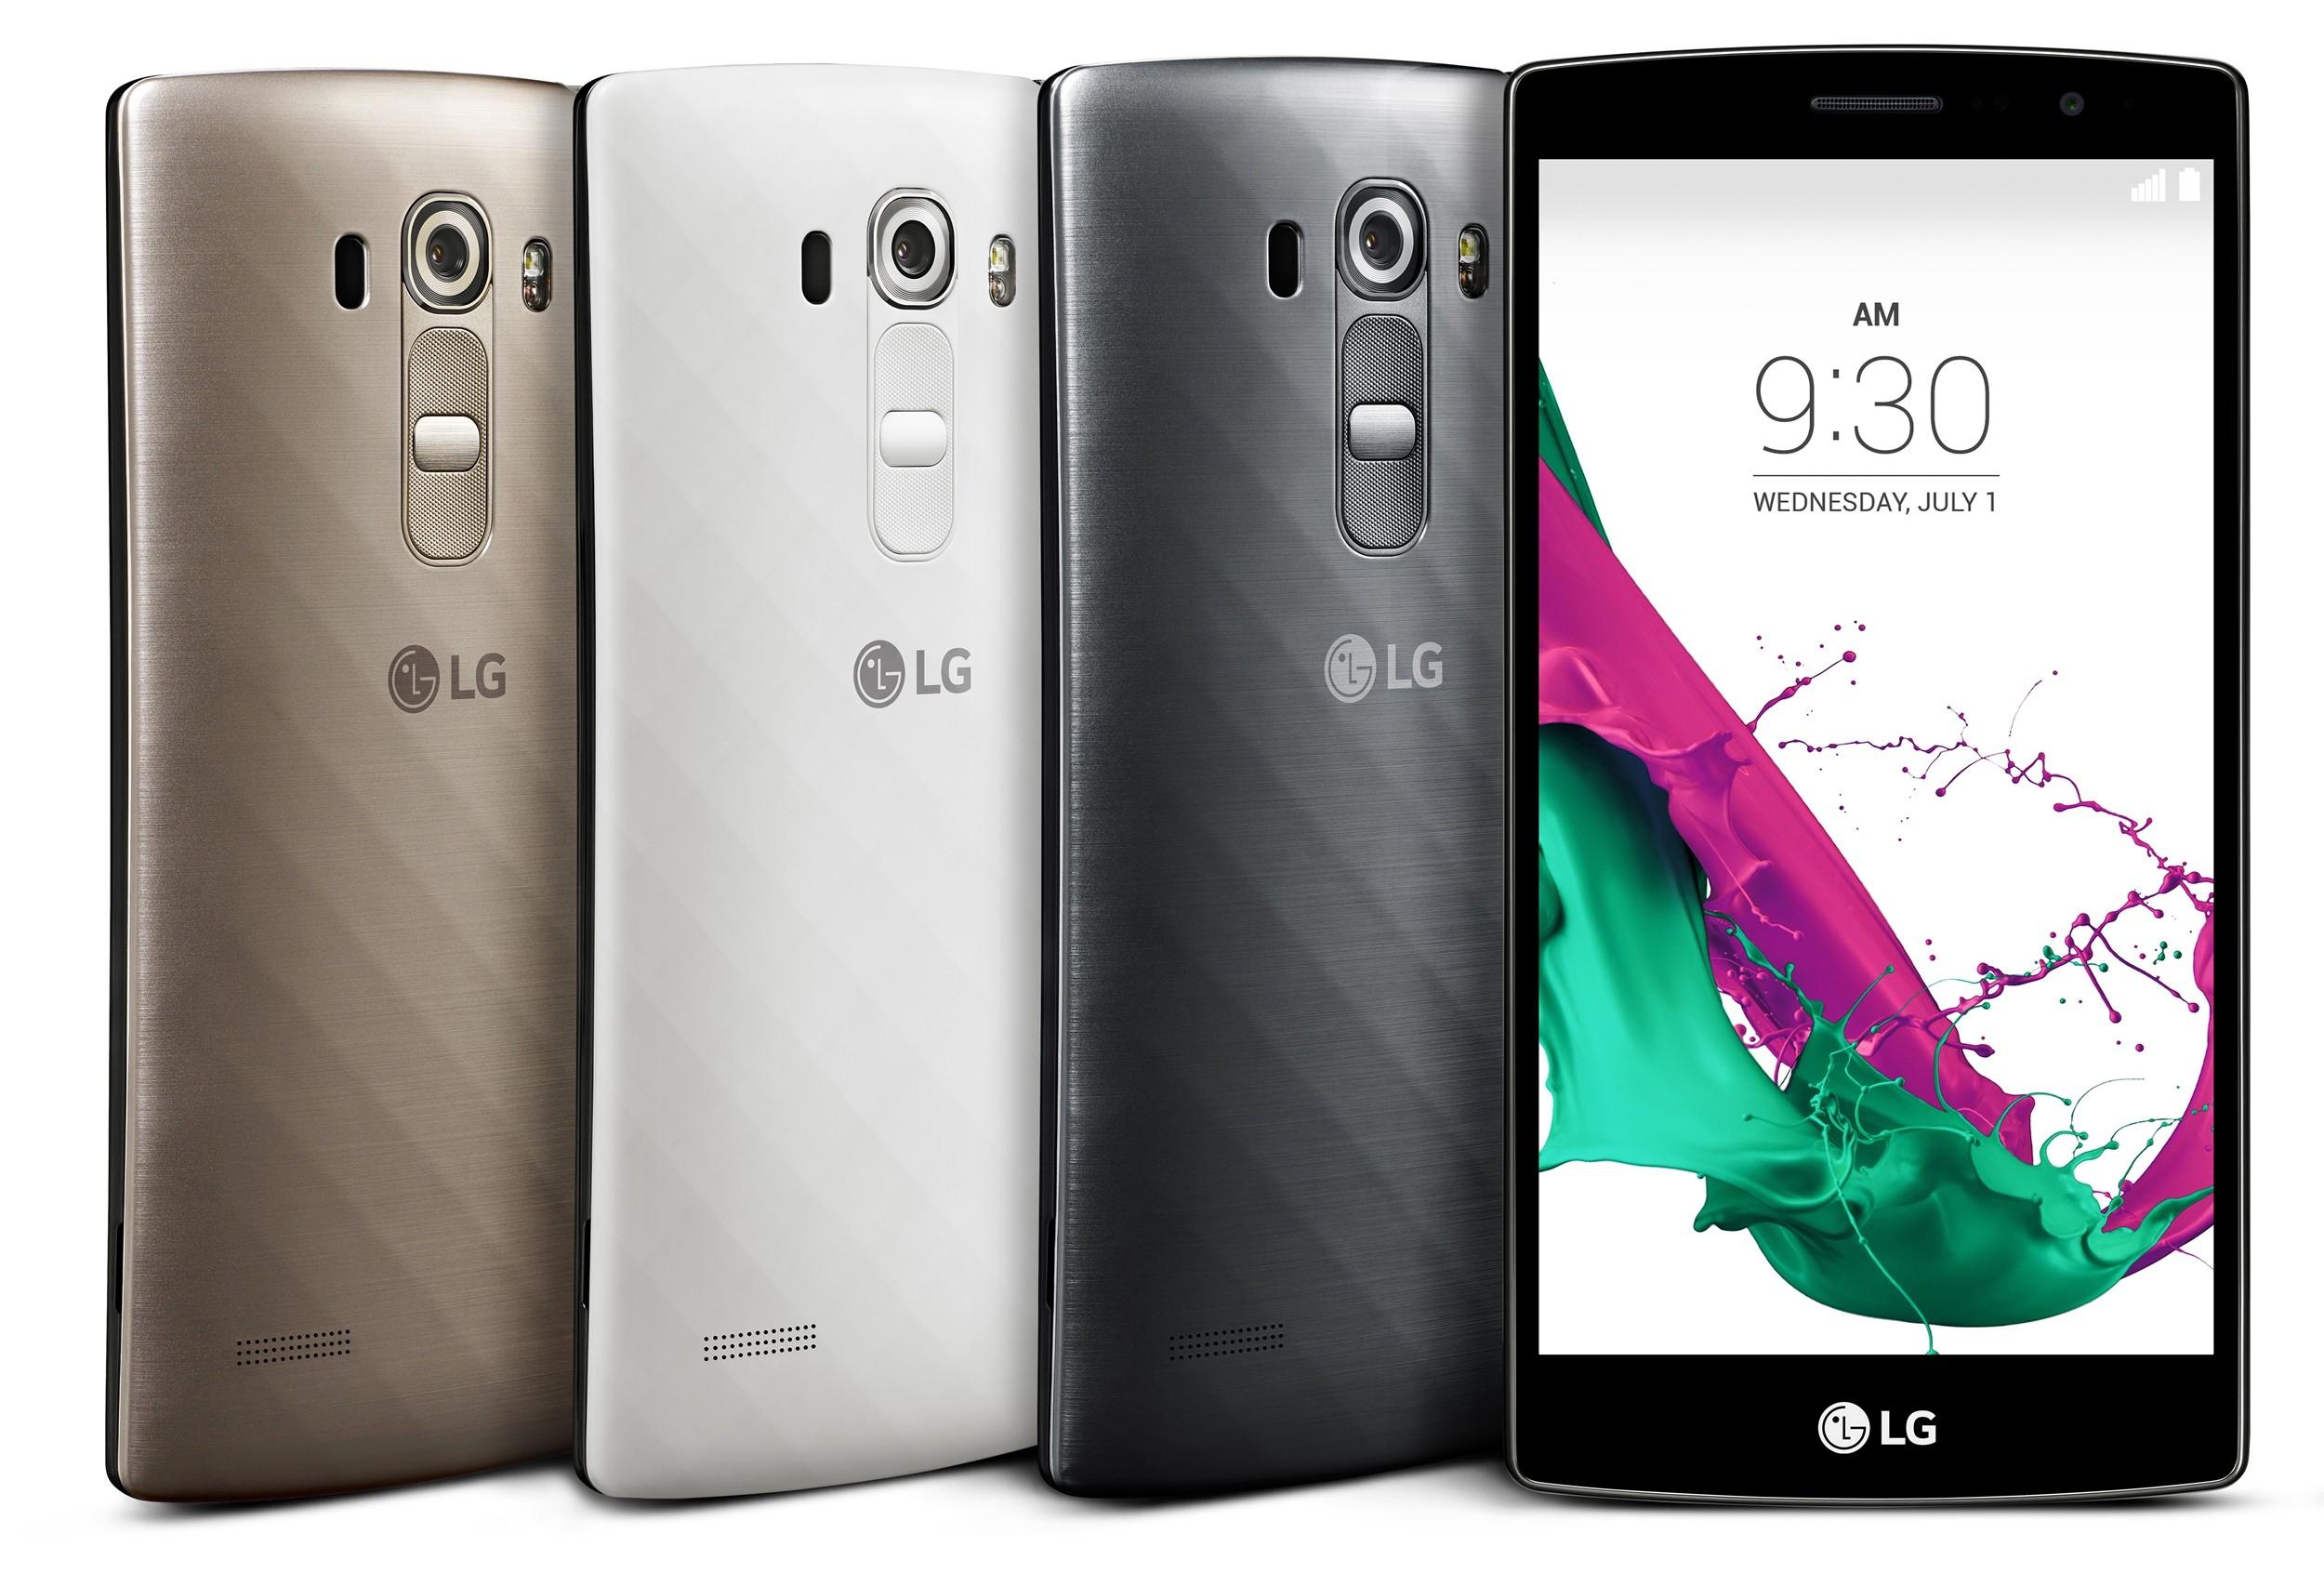 Firmware de Android 6.0 Marshmallow agora disponivel em LG G4 para fazer flash 1